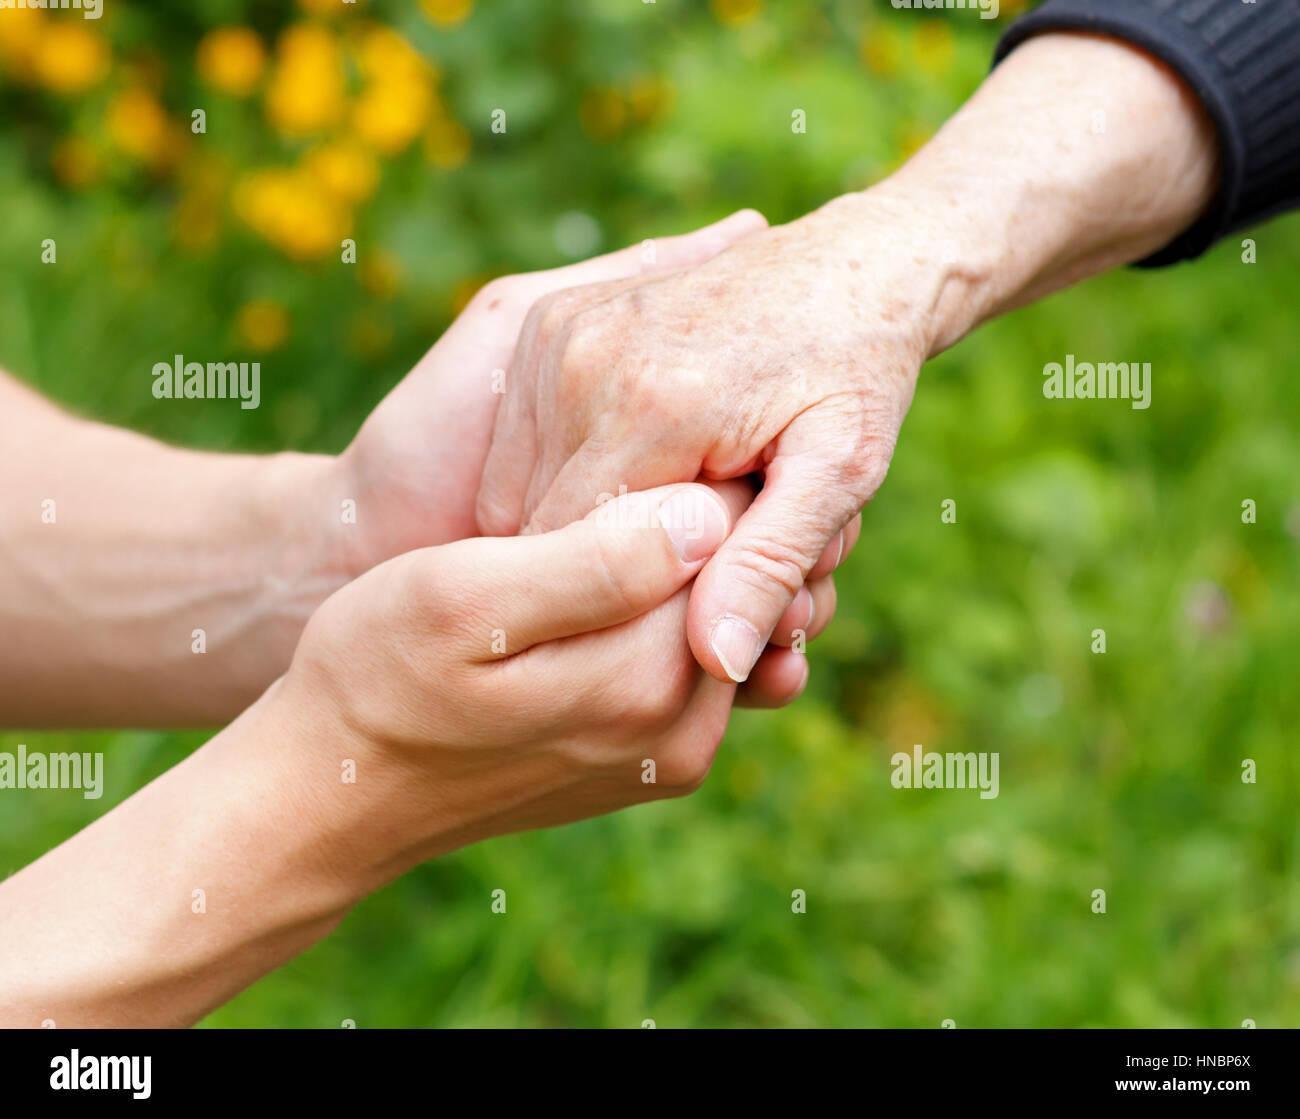 Medico la mano che regge un rugosa mano anziani Immagini Stock